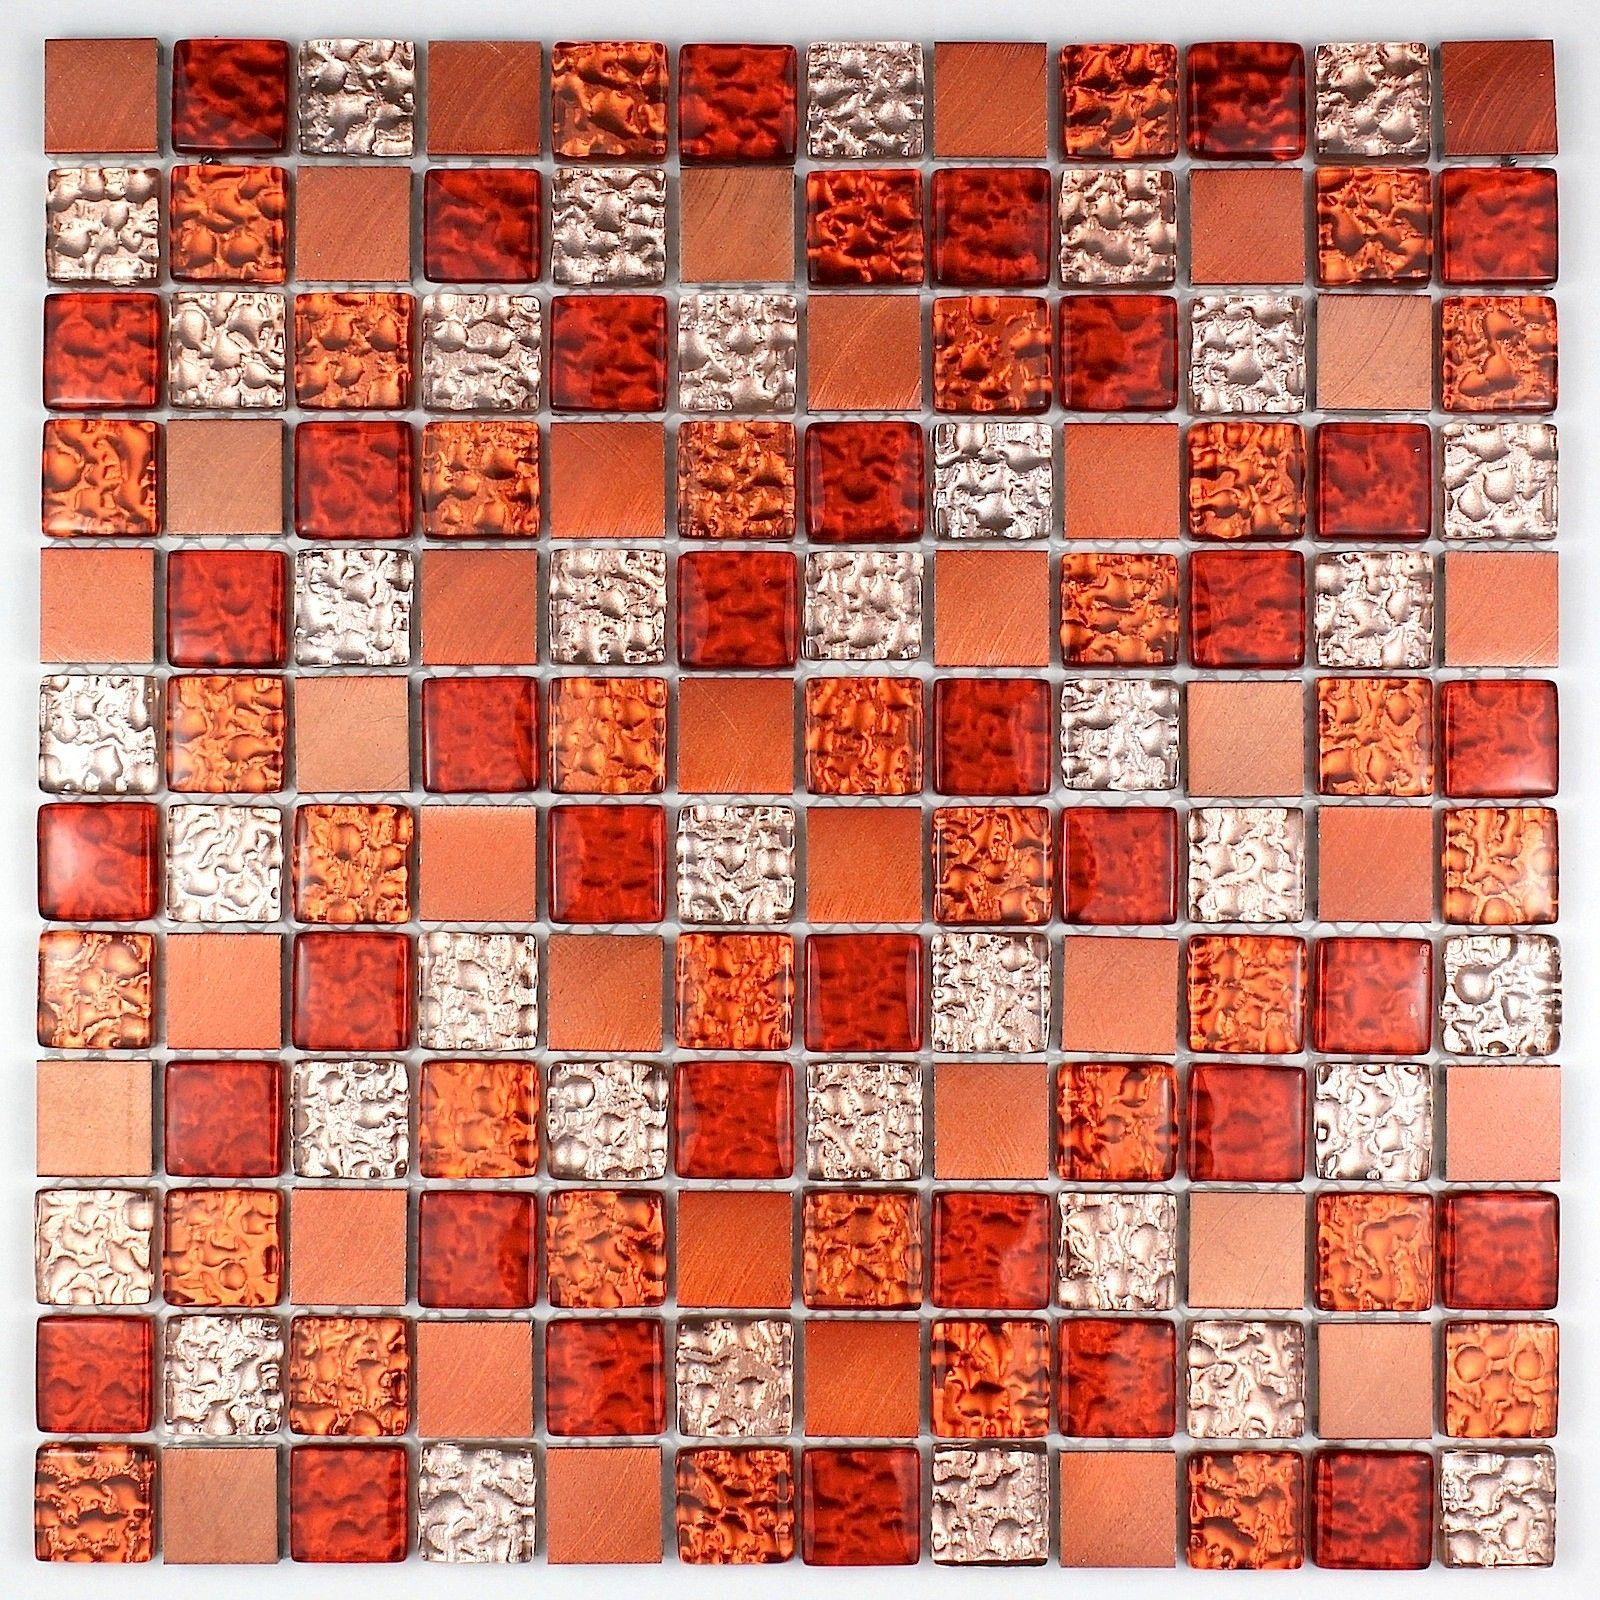 Mosaique aluminium et verre credence cuisine douche cm-nomde-orange ...